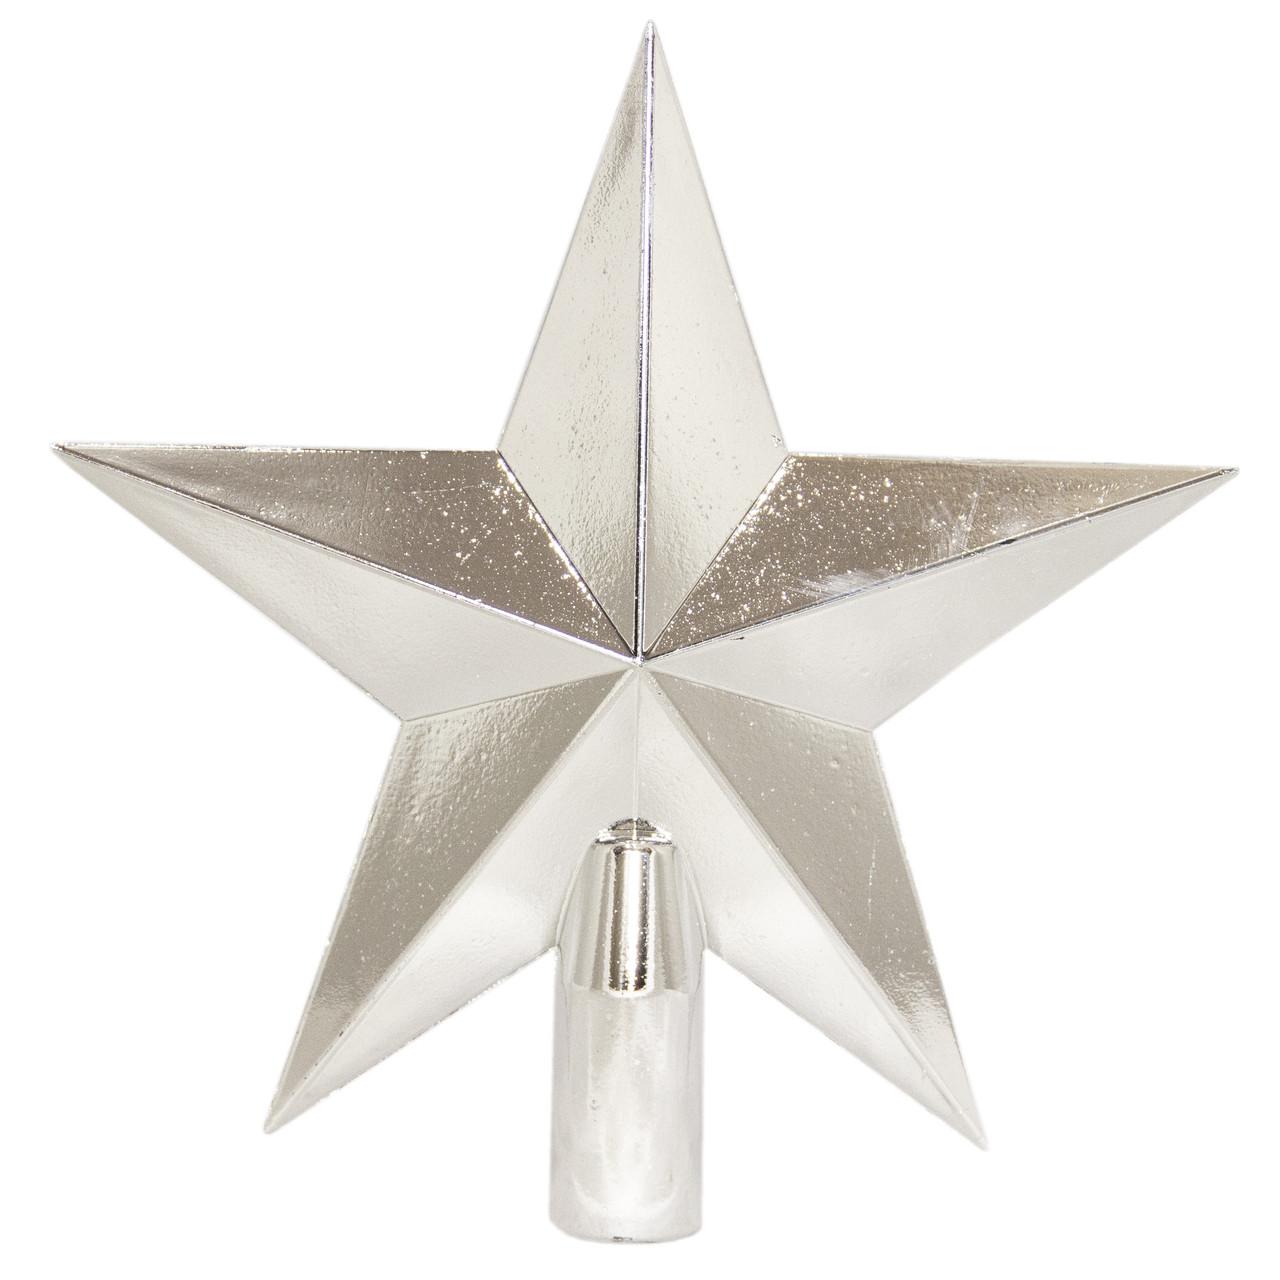 """Елочное украшение - верхушка на елку """"Звезда"""", 20 см, глянец, серебристый, пластик (030927-1)"""